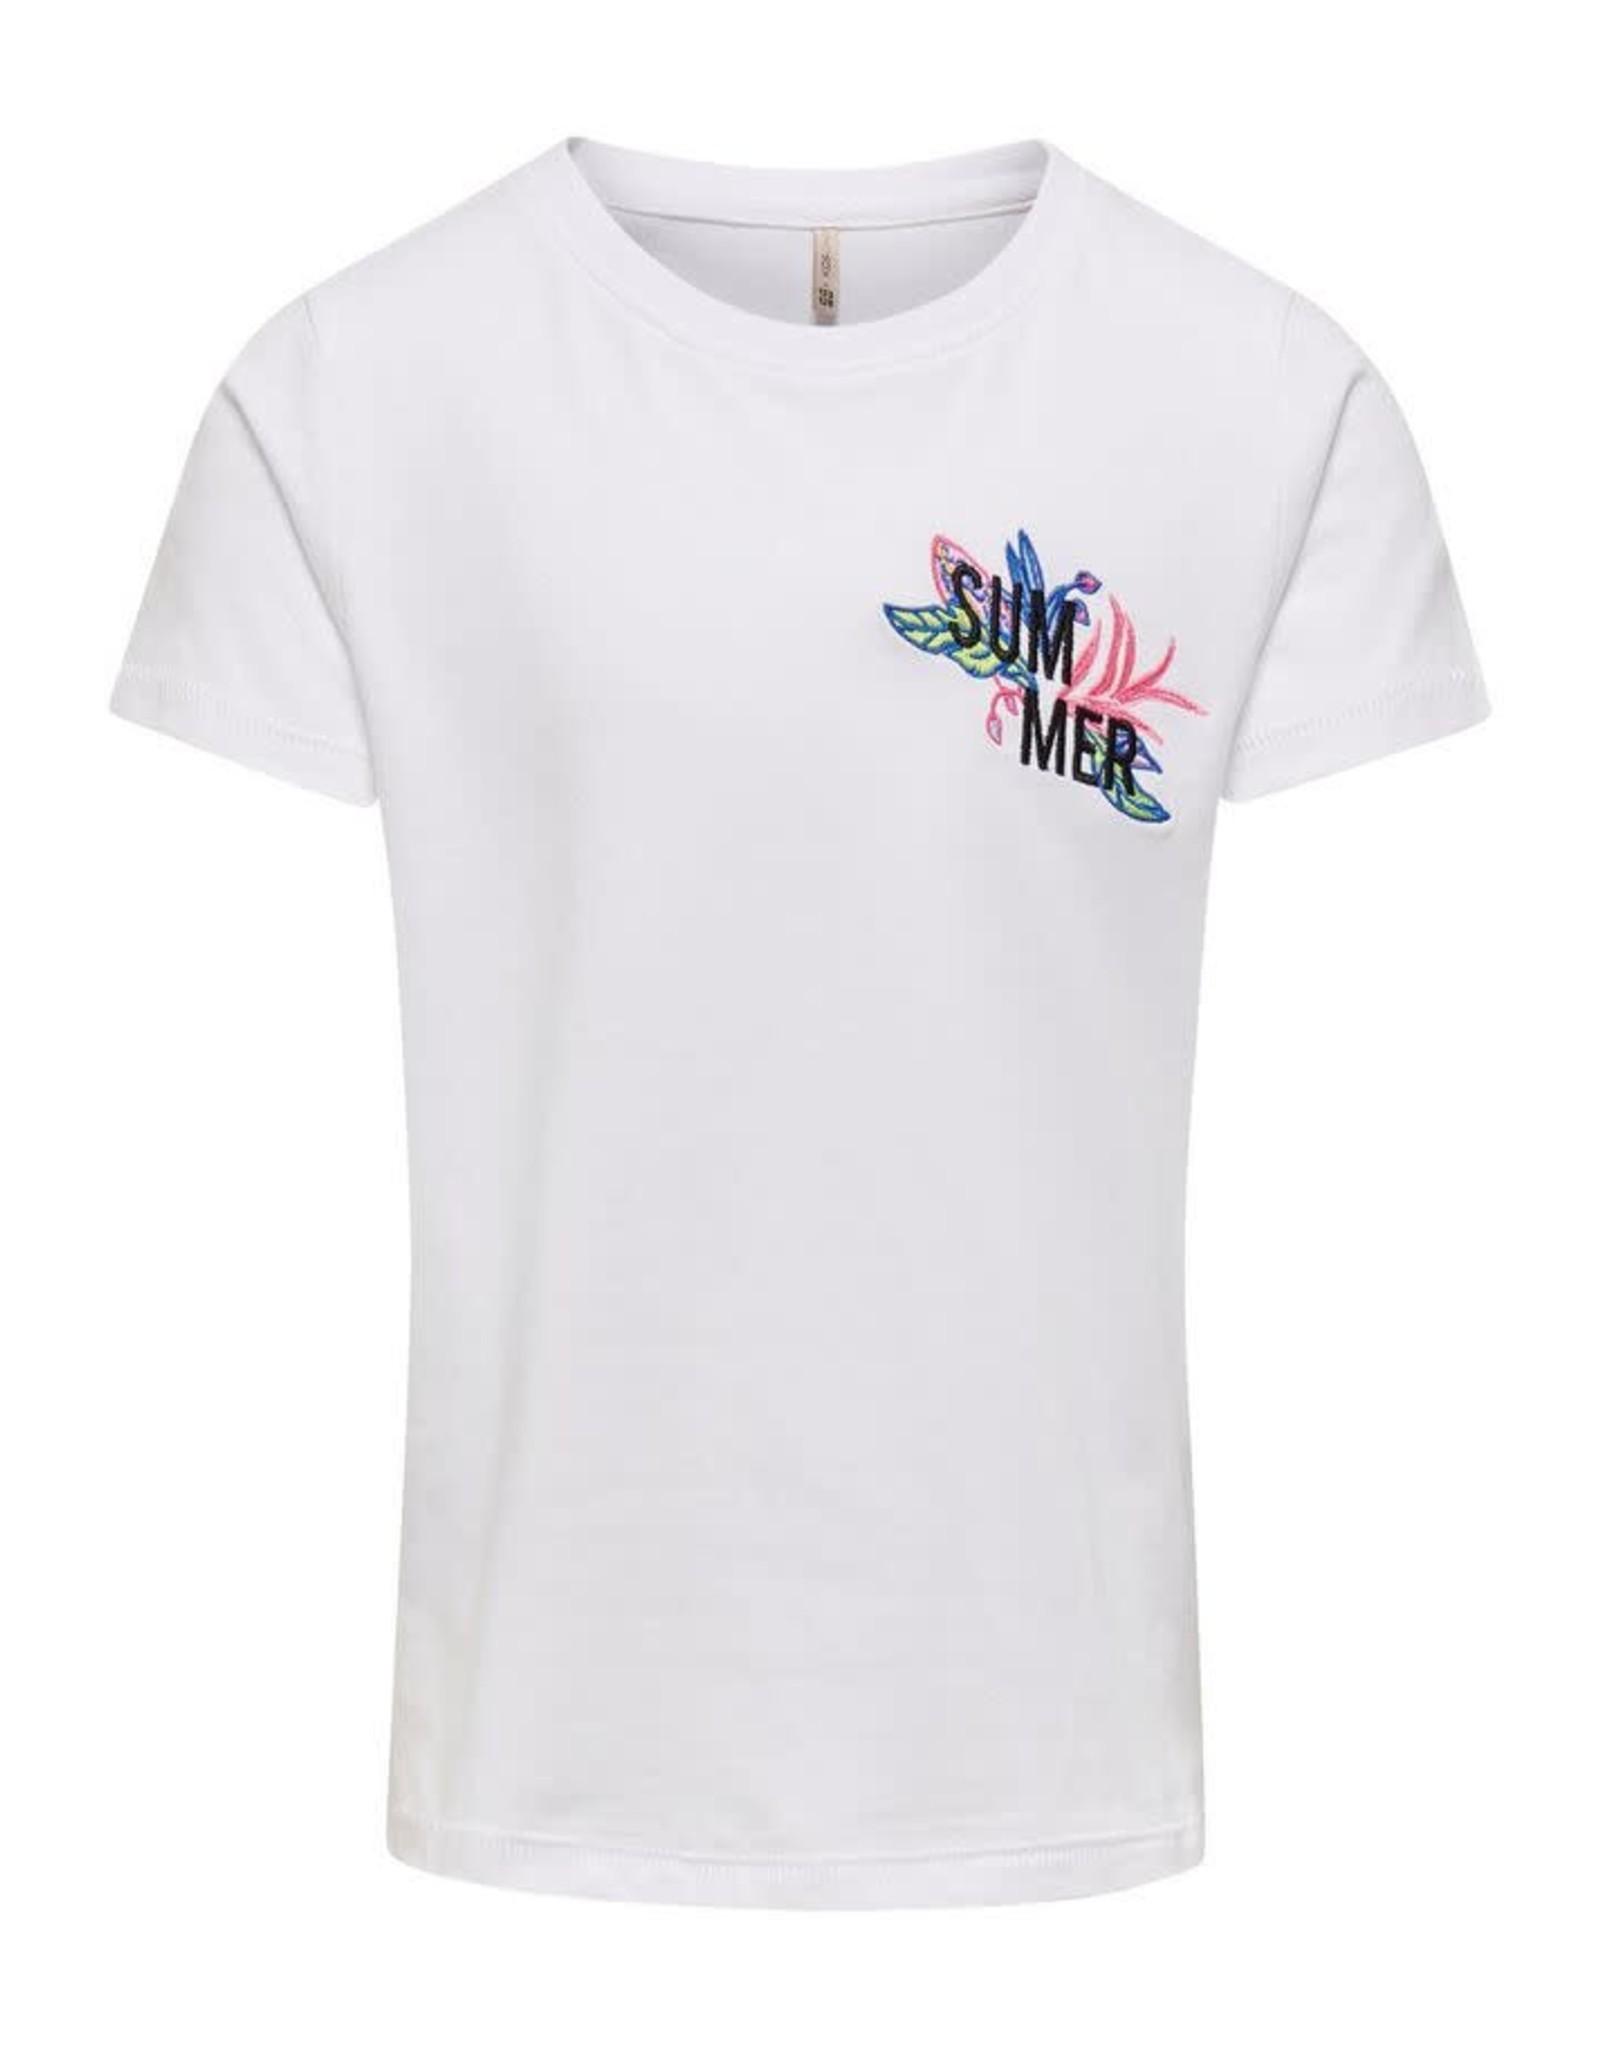 KIDS ONLY Witte t-shirt met leuke print